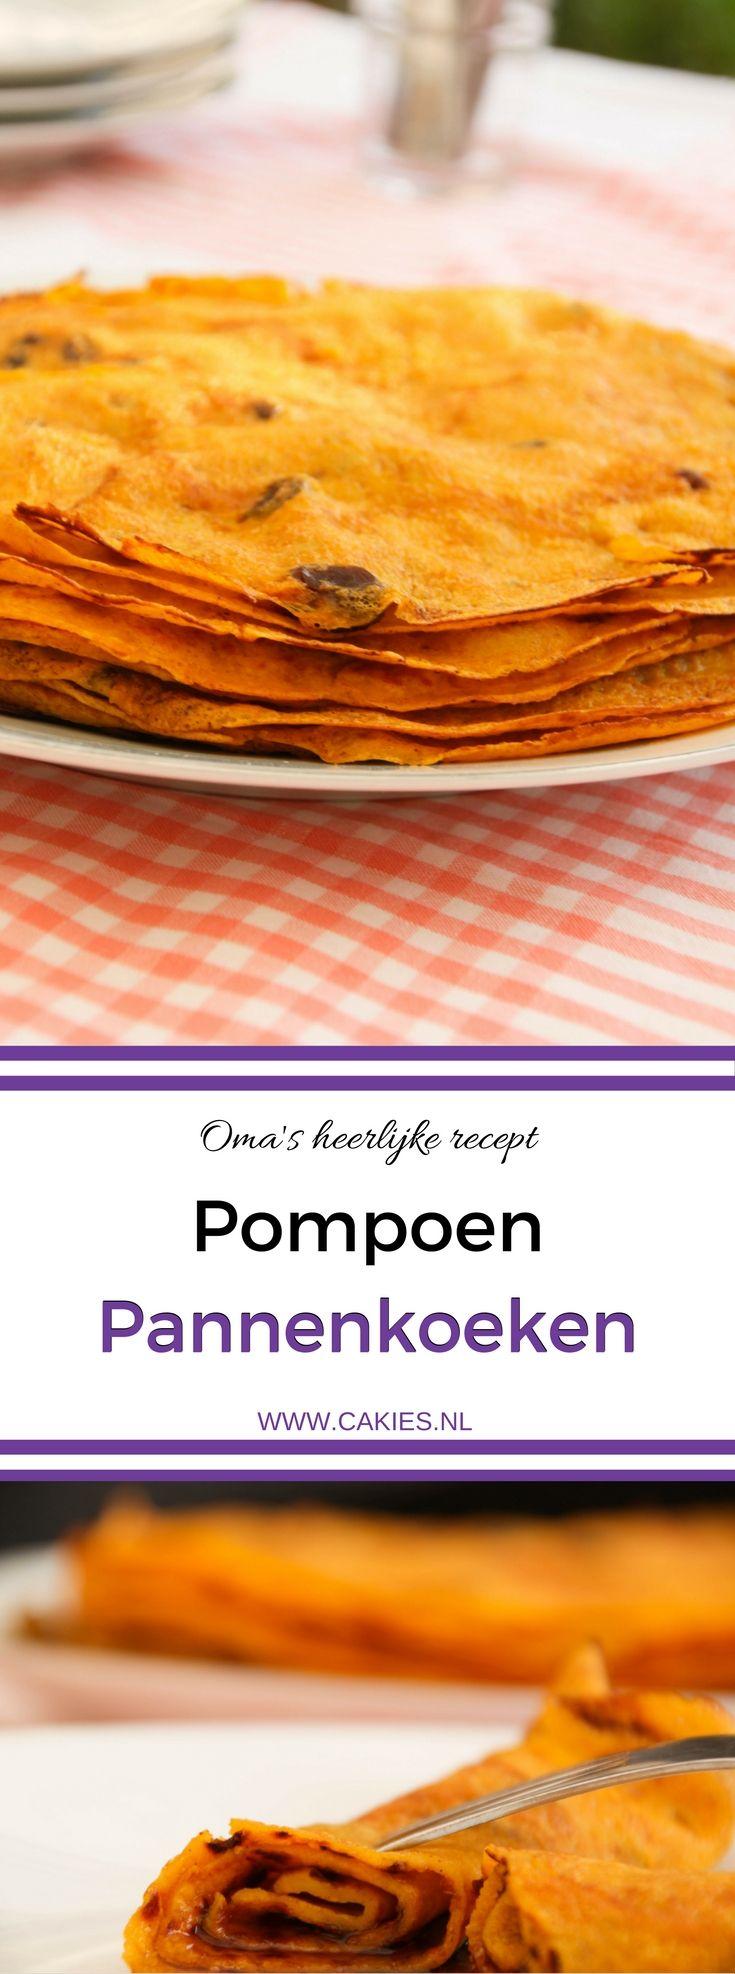 Ik ben dol op Pompoen Pannenkoeken! Mijn oma maakt de lekkerste. Dit is haar speciale recept. Een heerlijk recept dat super makkelijk is om te maken.